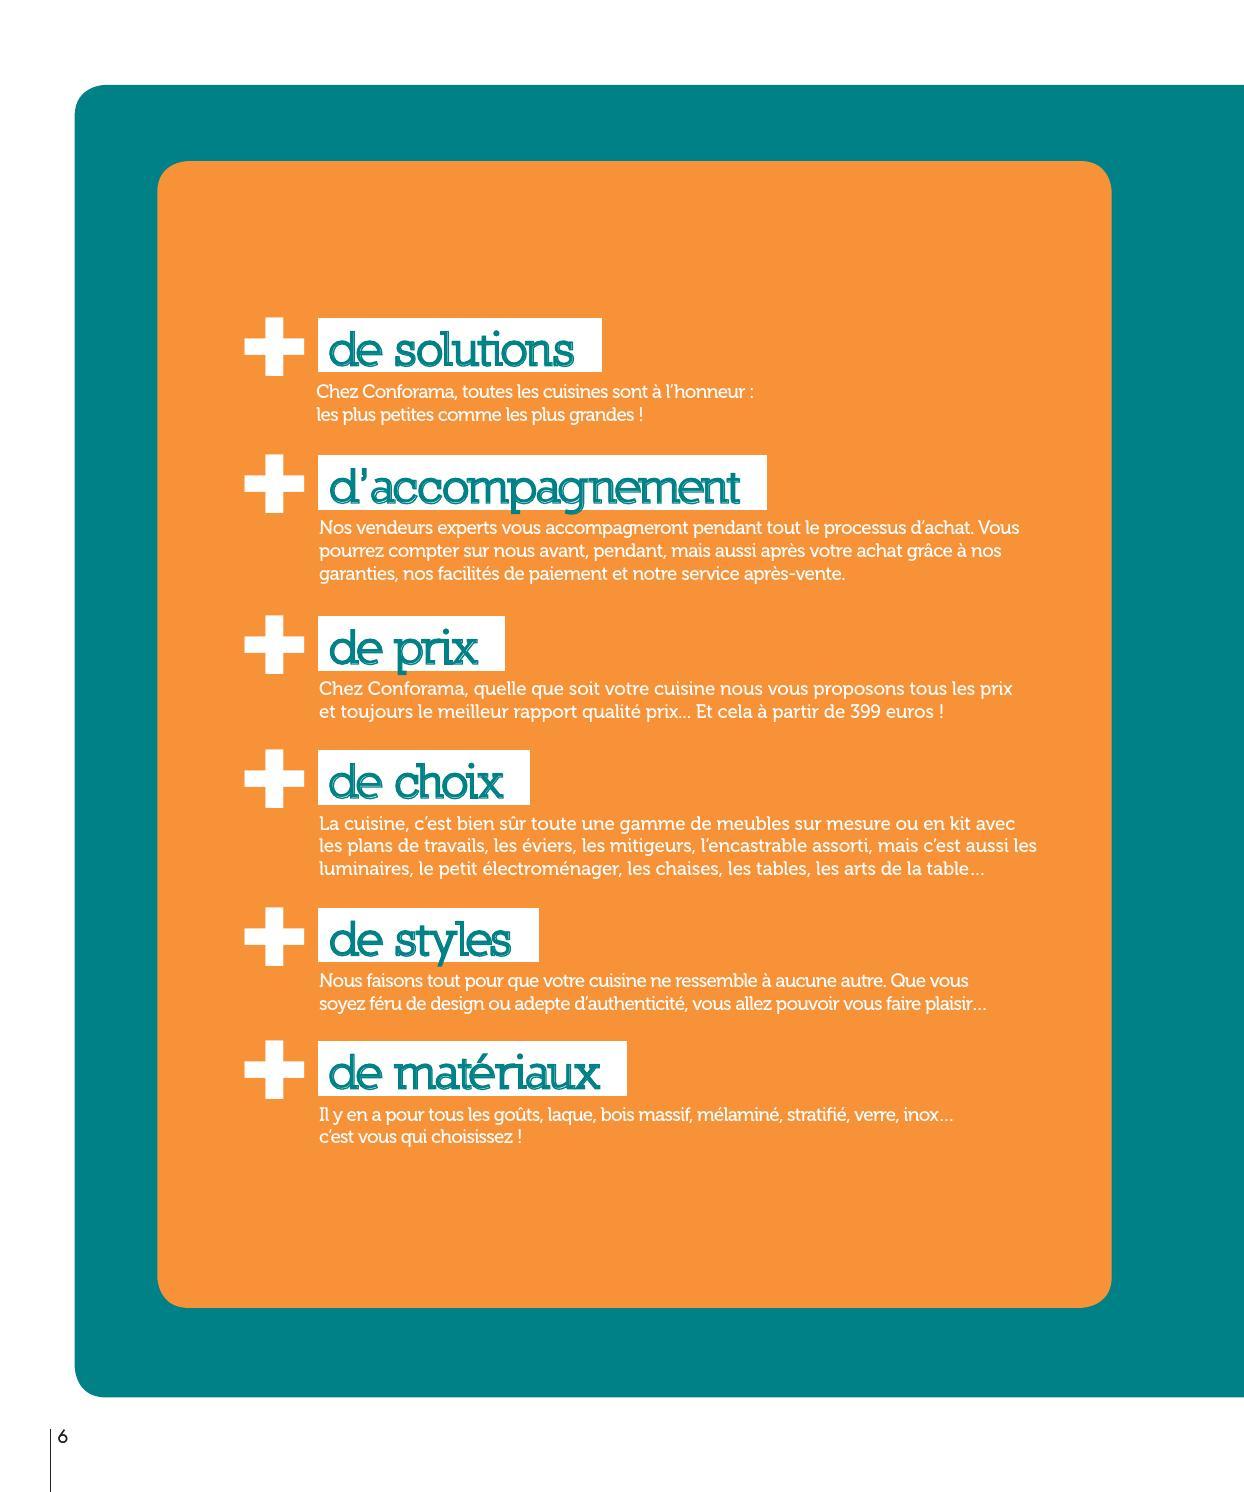 Quelle Cuisine Meilleur Rapport Qualité Prix catalogue conforama - guide cuisines 2014joe monroe - issuu